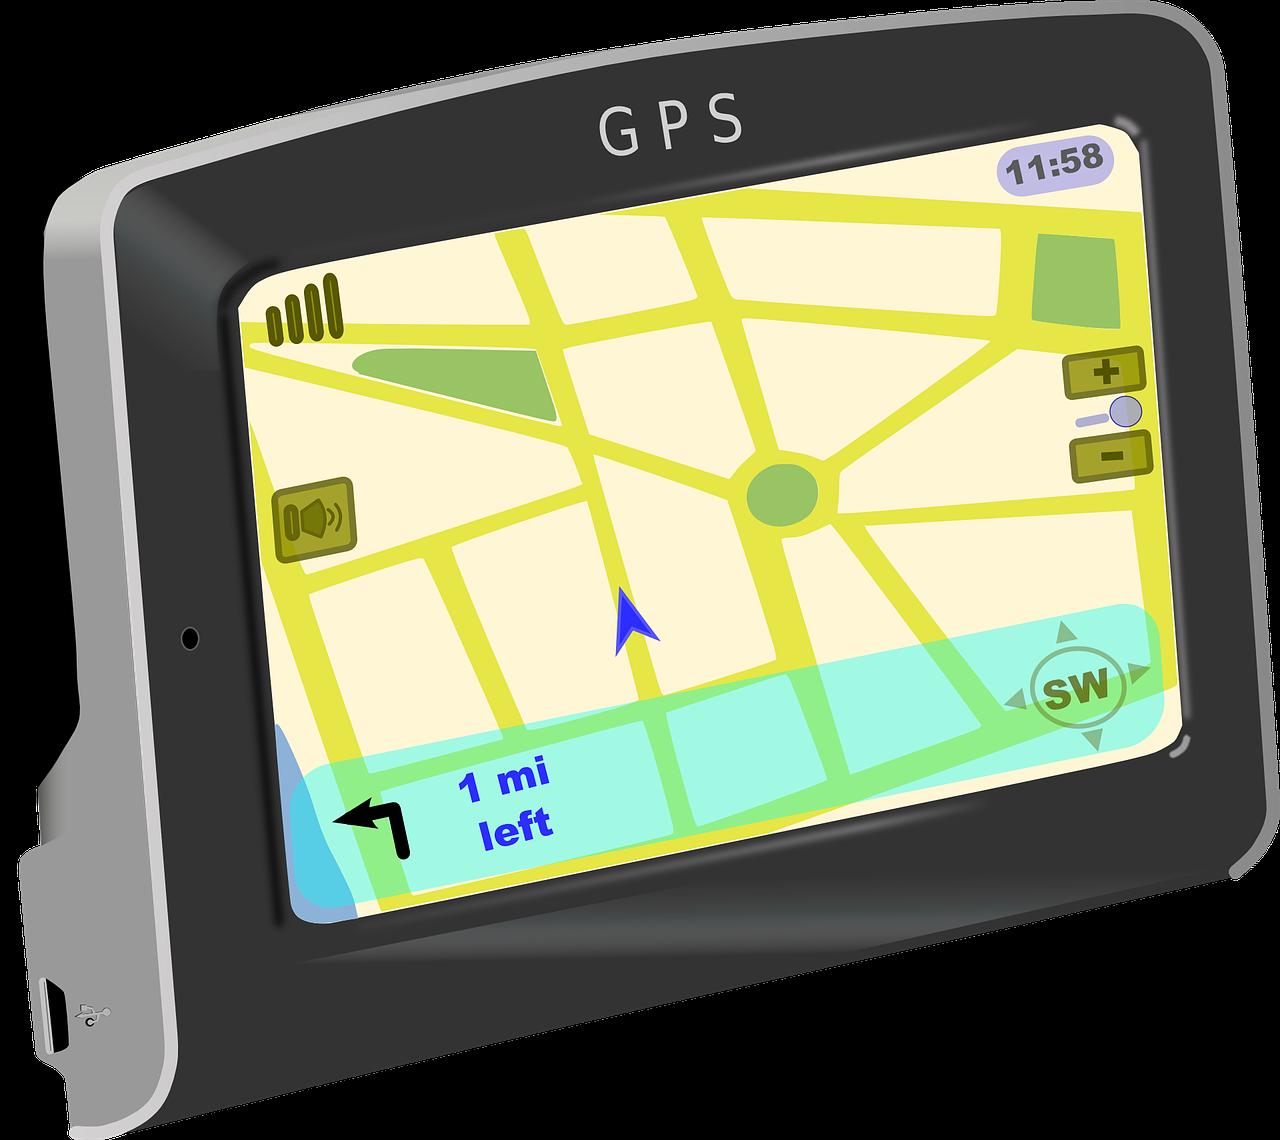 Uwaga! Dziś część nawigacji GPS może nie działać